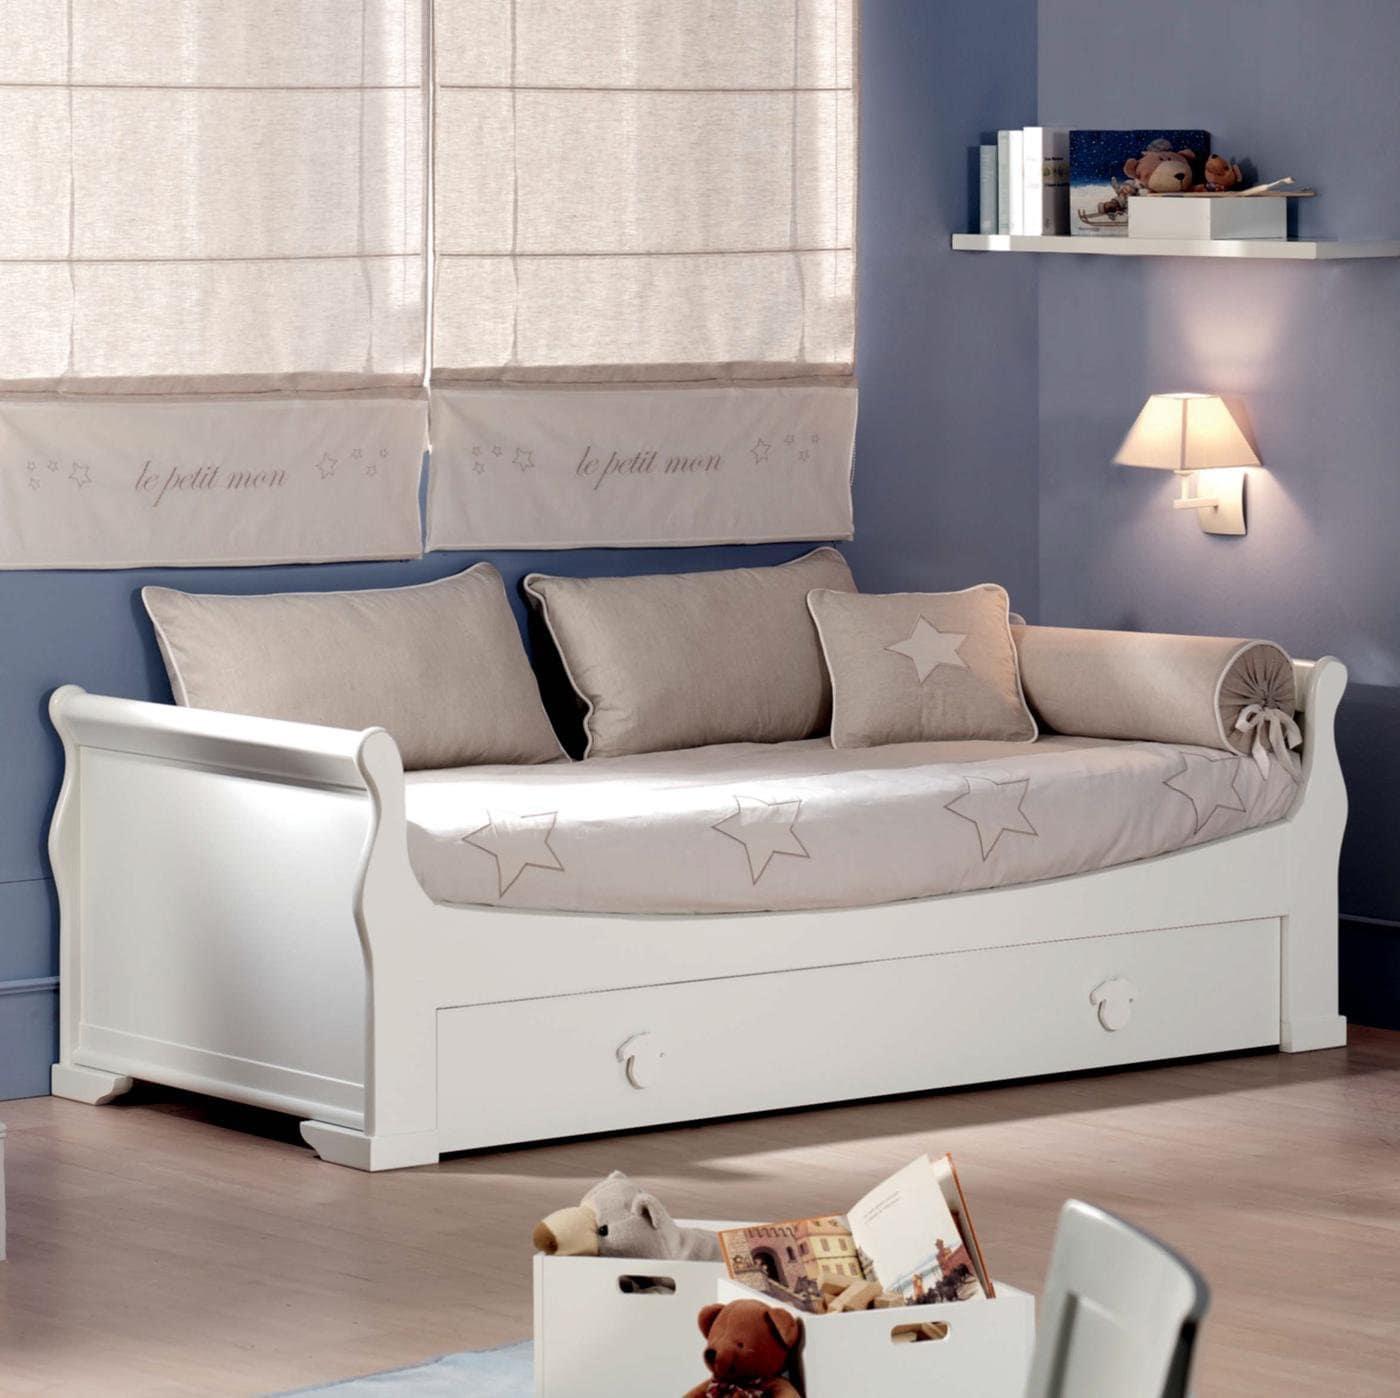 La versatilidad de las camas nido blancas Cama nido ikea opiniones